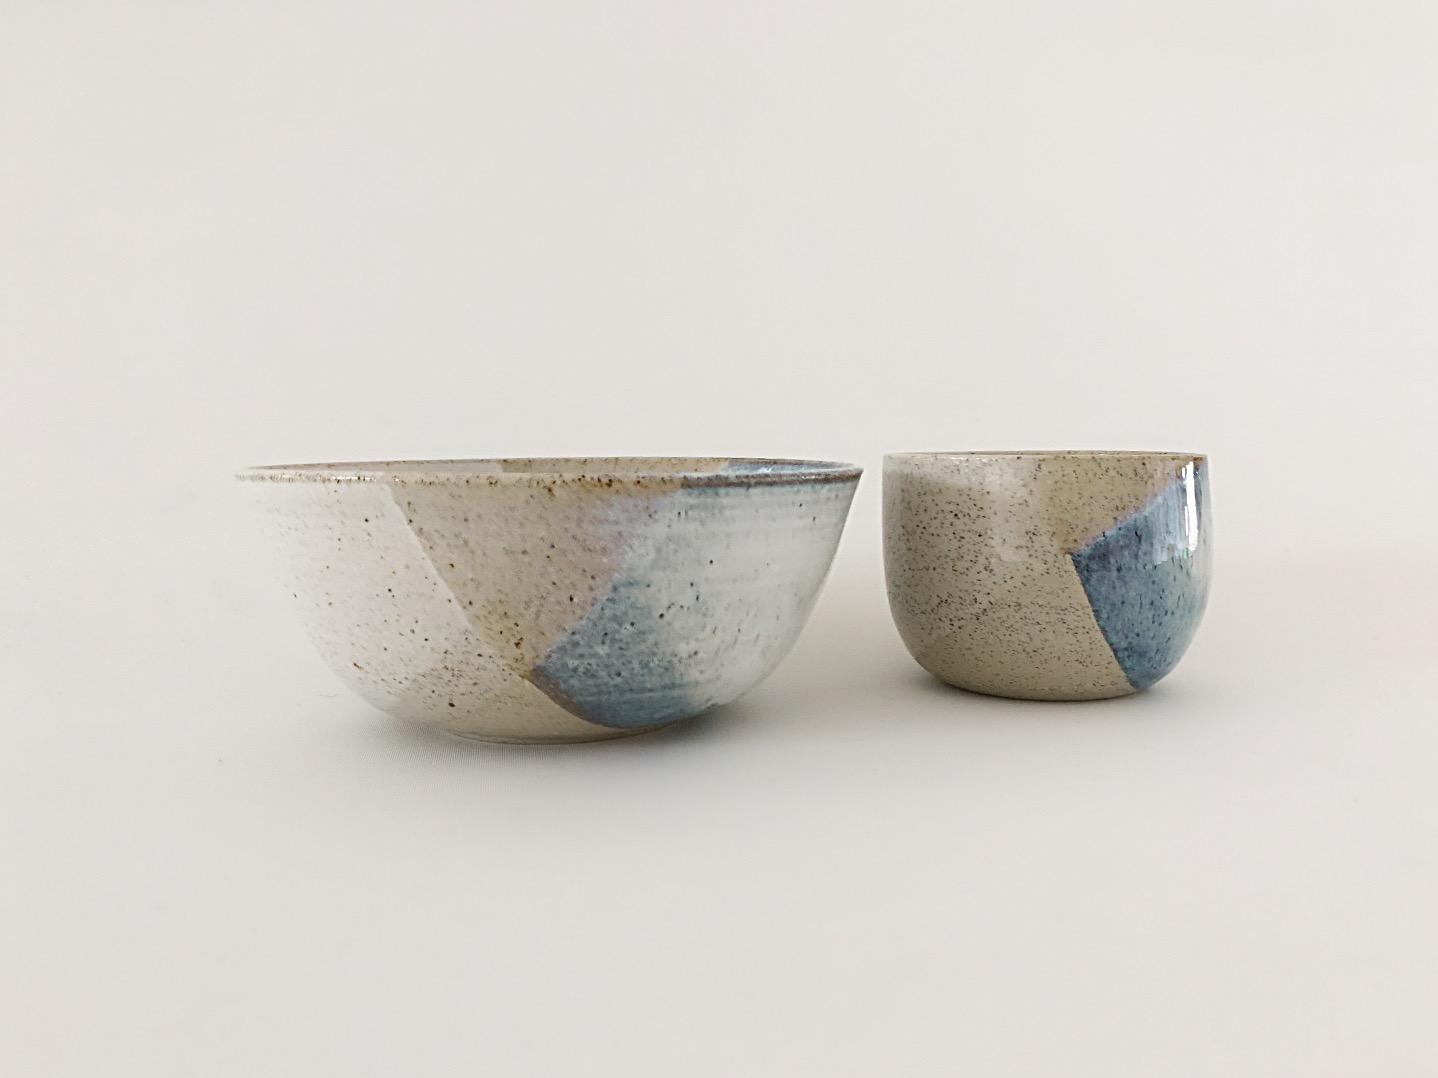 Rustic bowl set